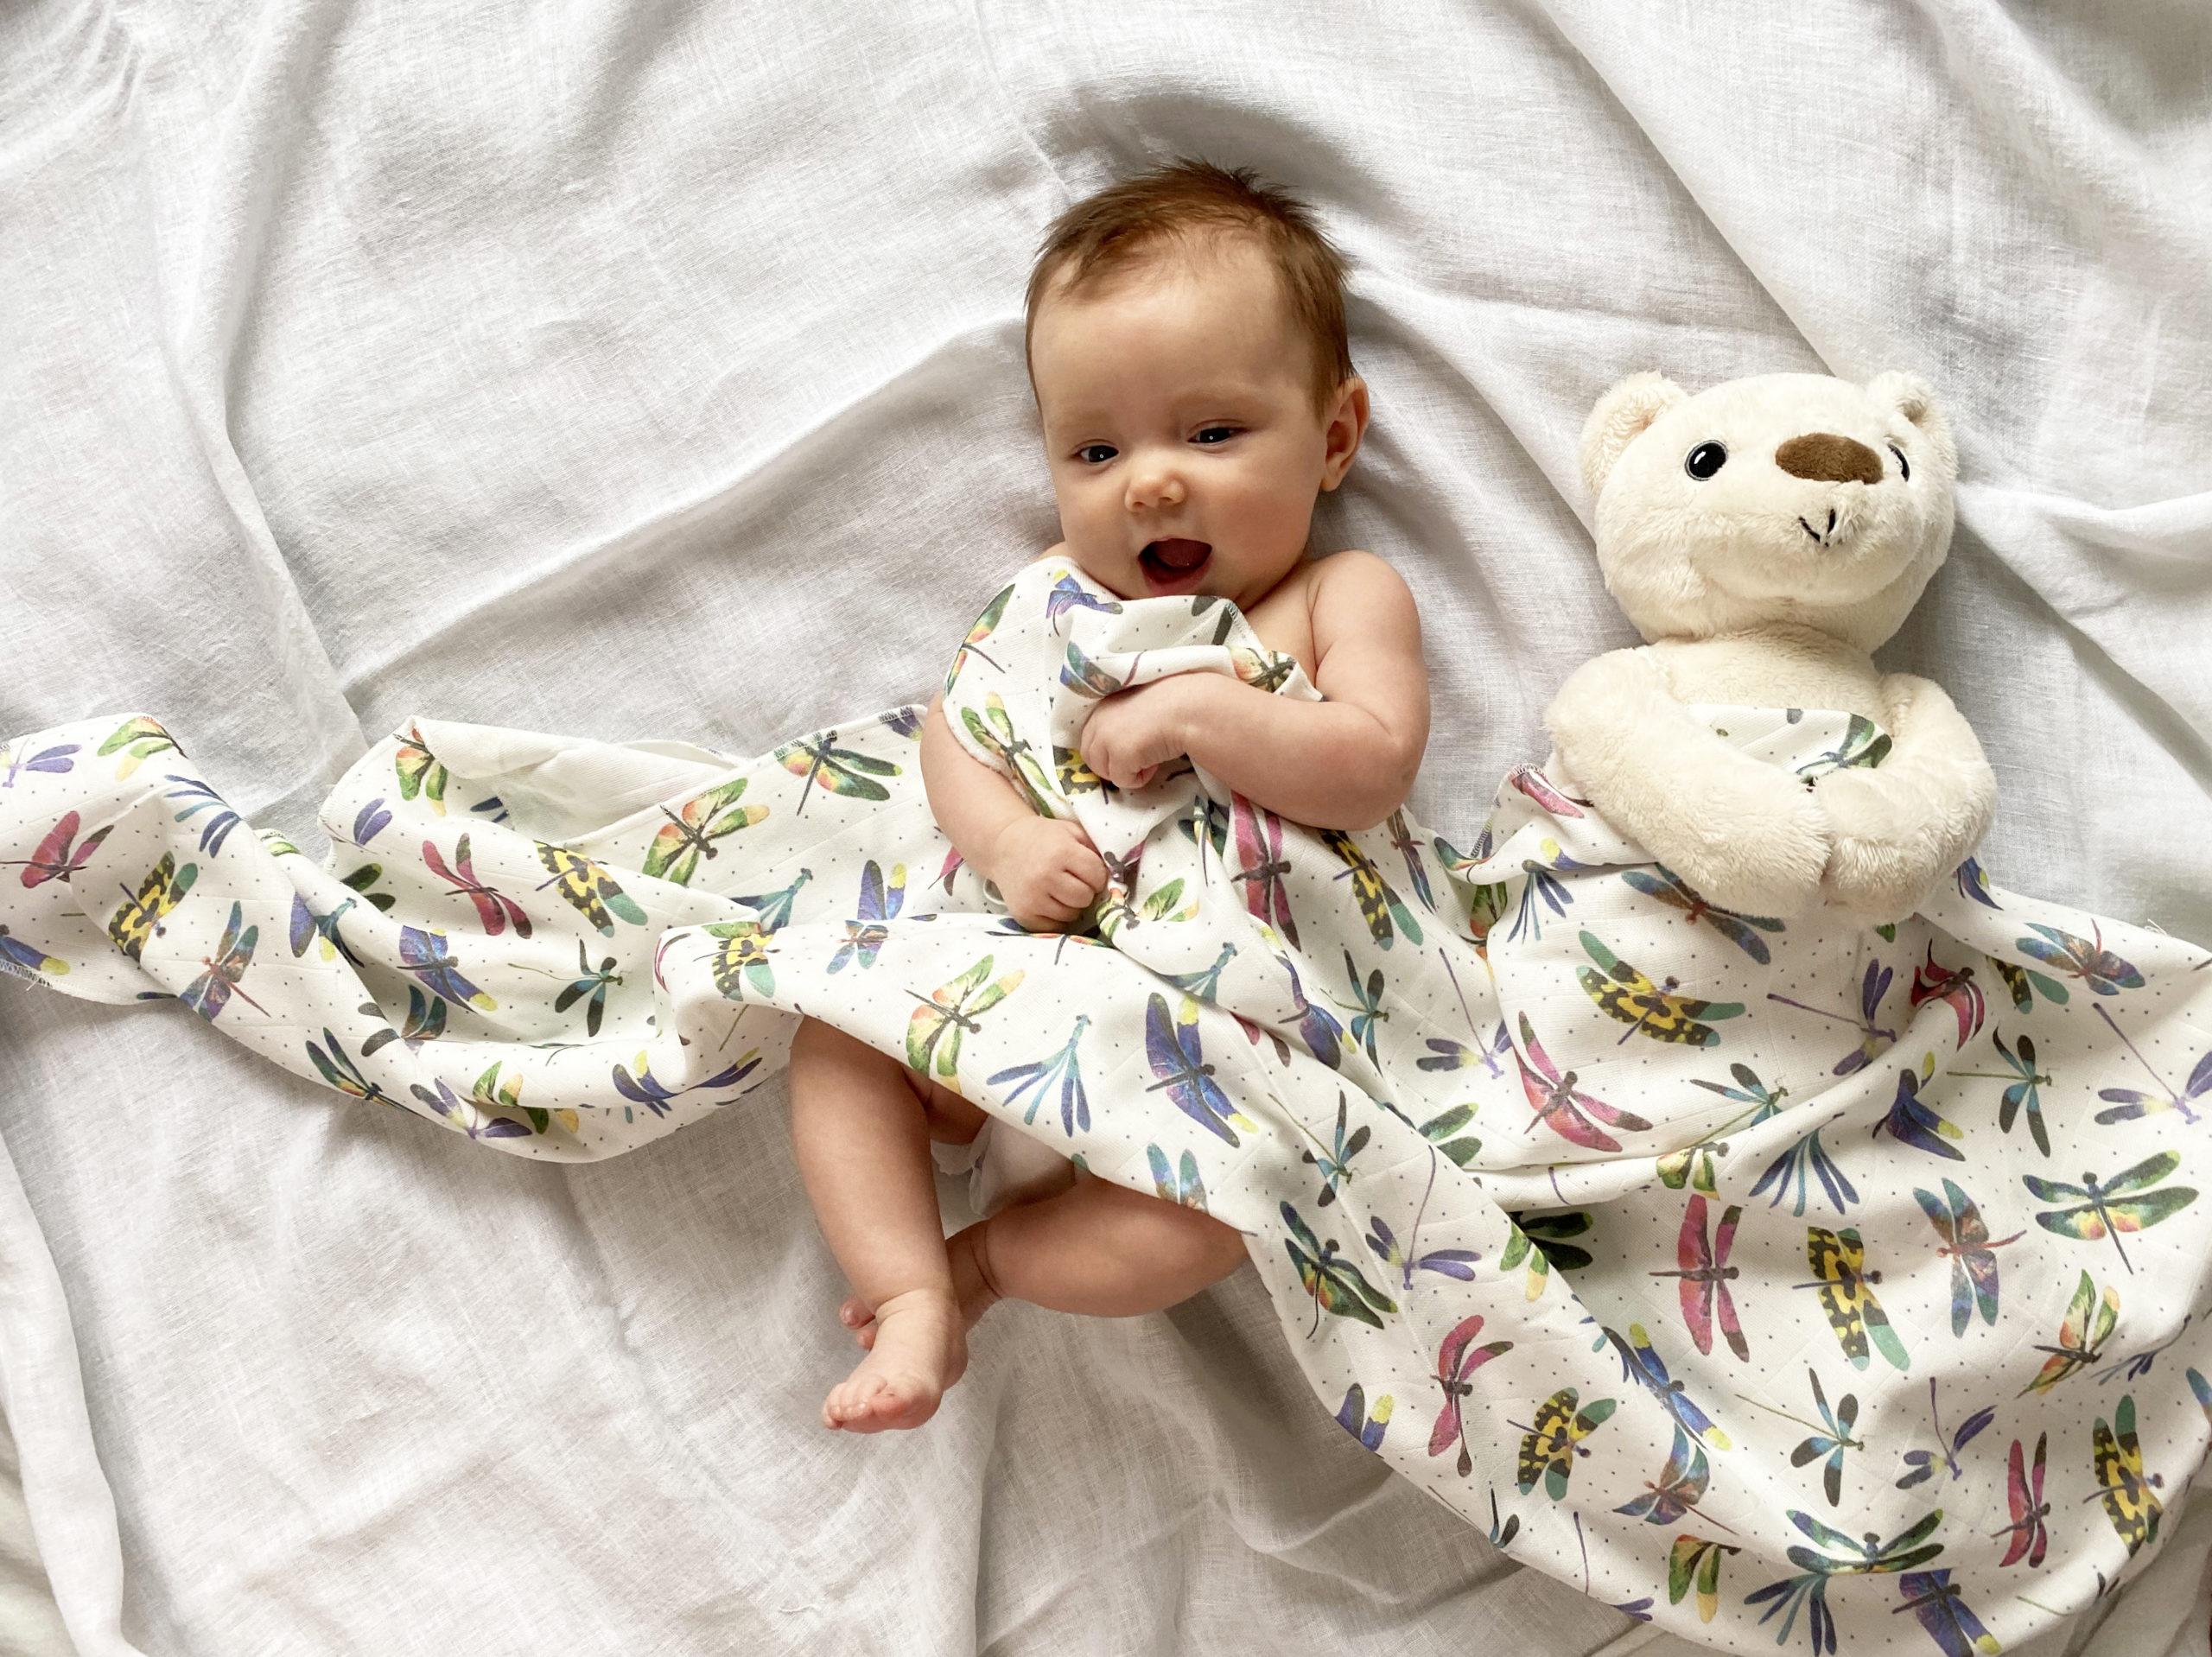 Łóżeczko dziecięce w sypialni rodziców – wady i zalety rozwiązania